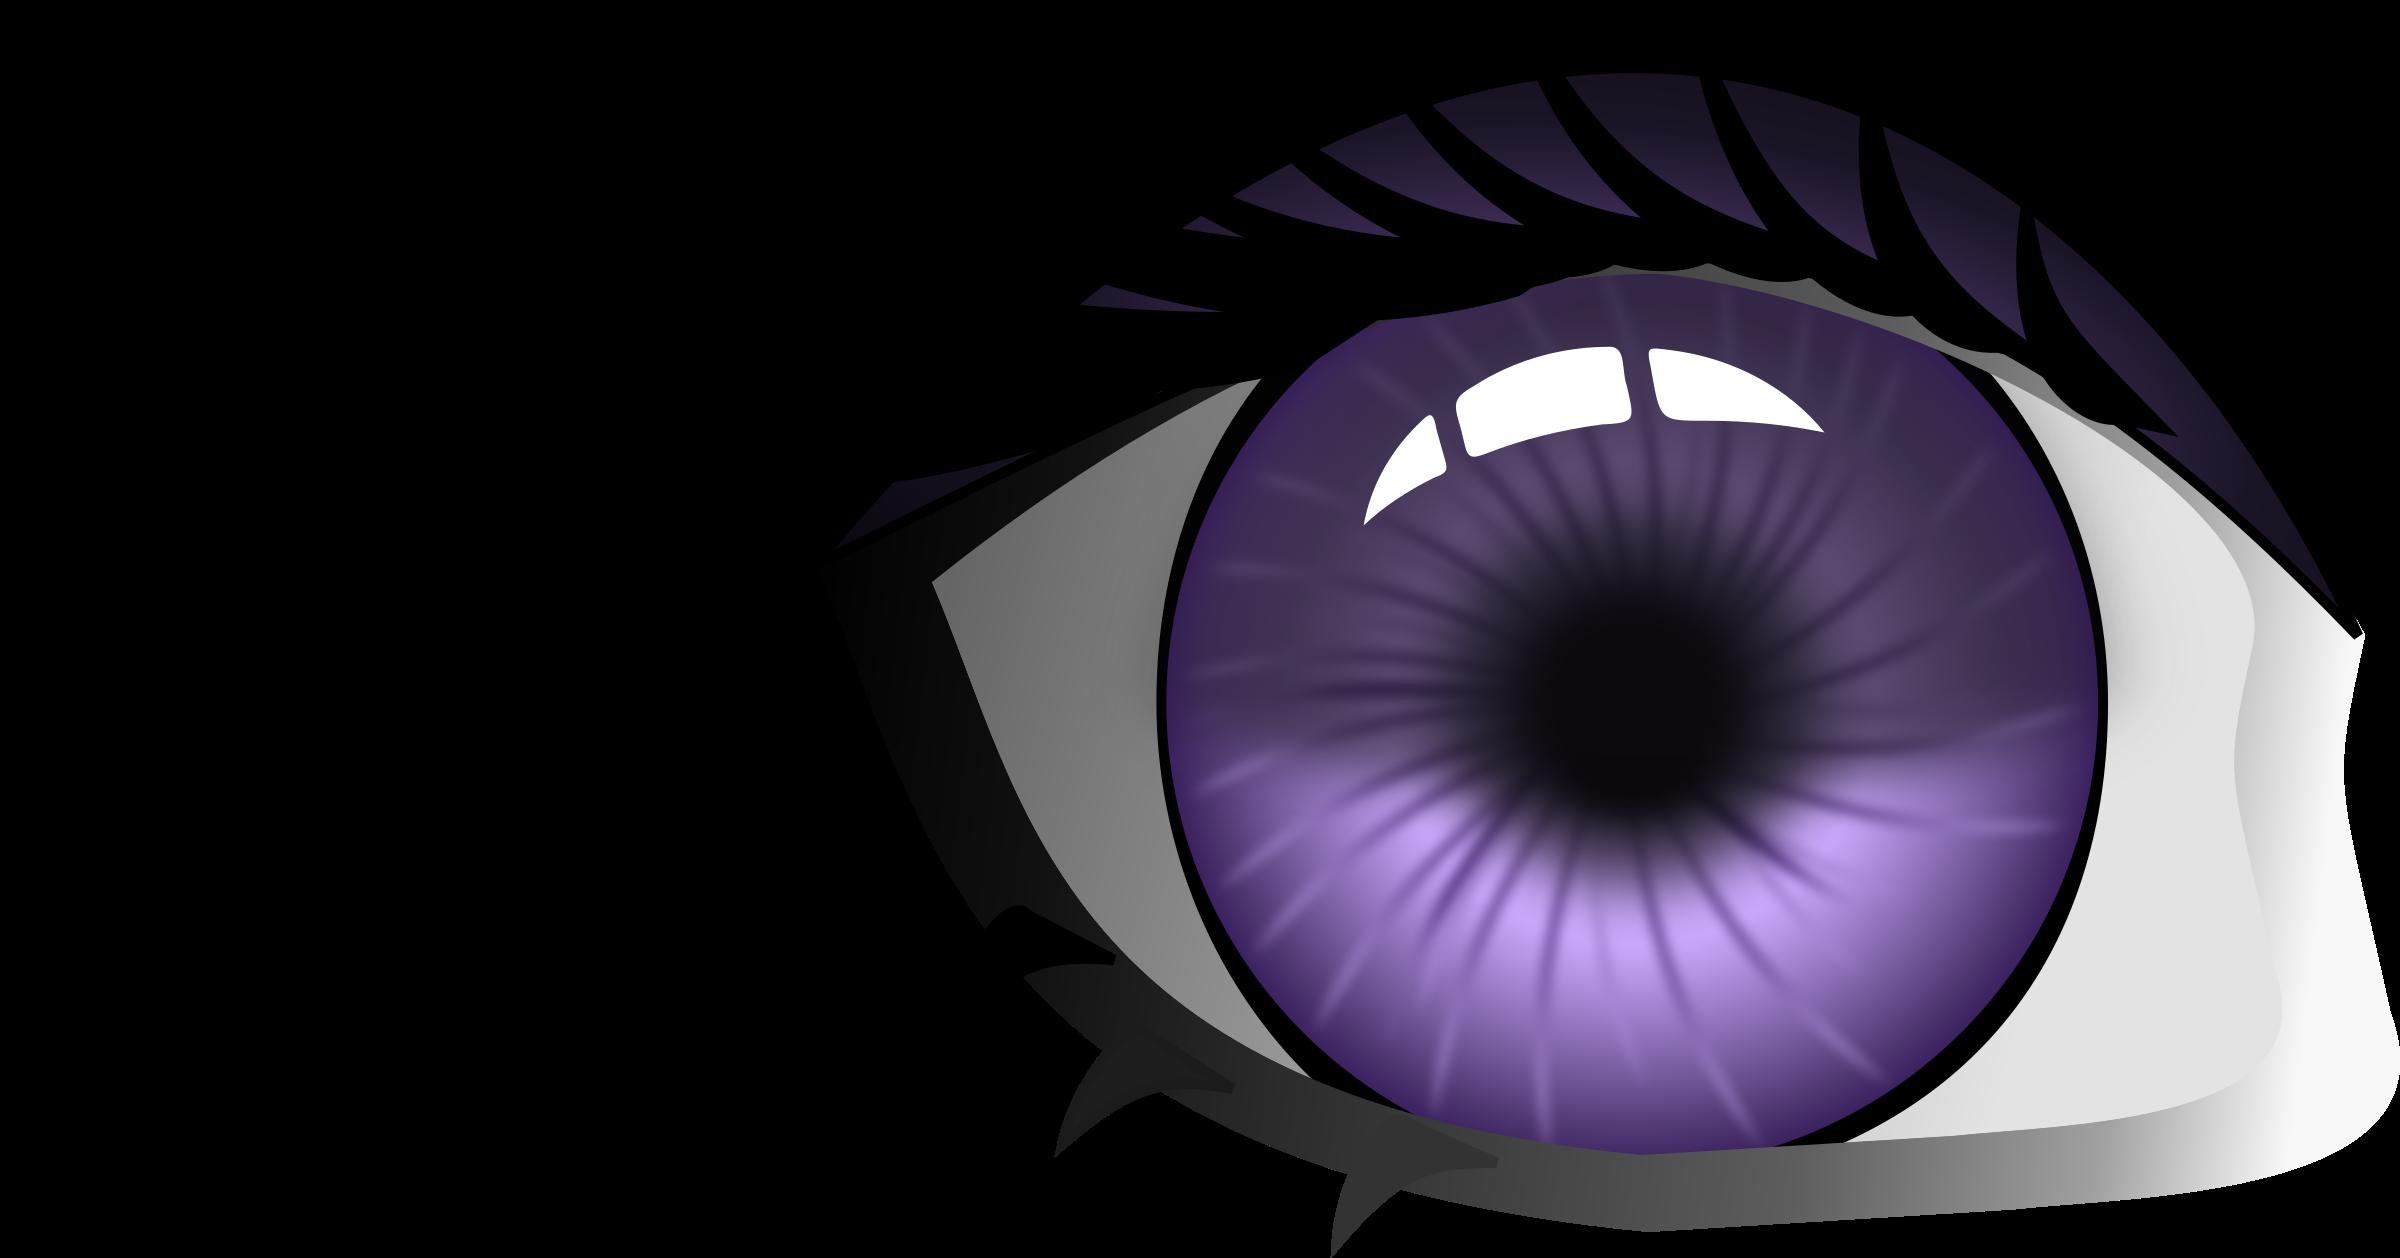 Eye big image png. Eyeball clipart purple